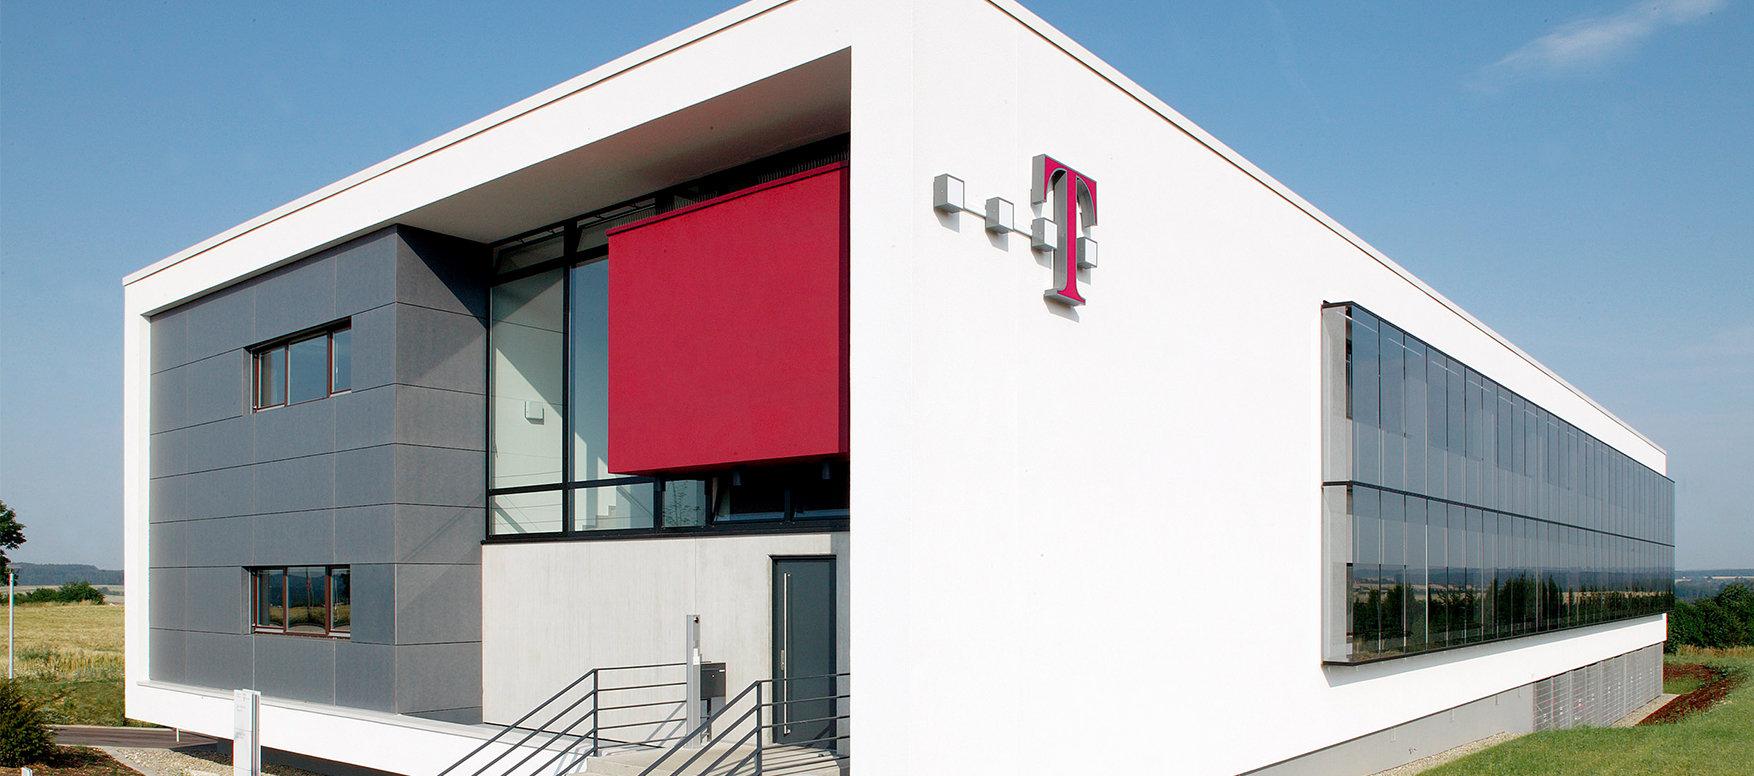 Telekom Ulm